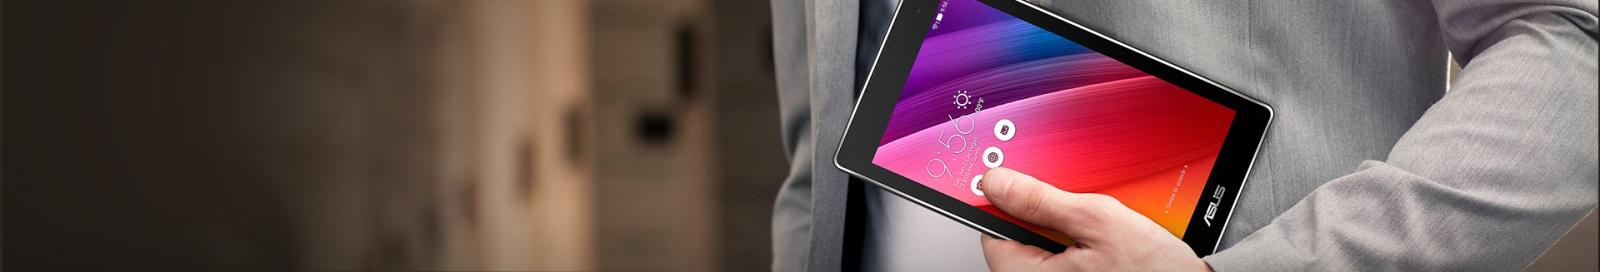 Обзор планшета ASUS ZenPad 8.0 - 14